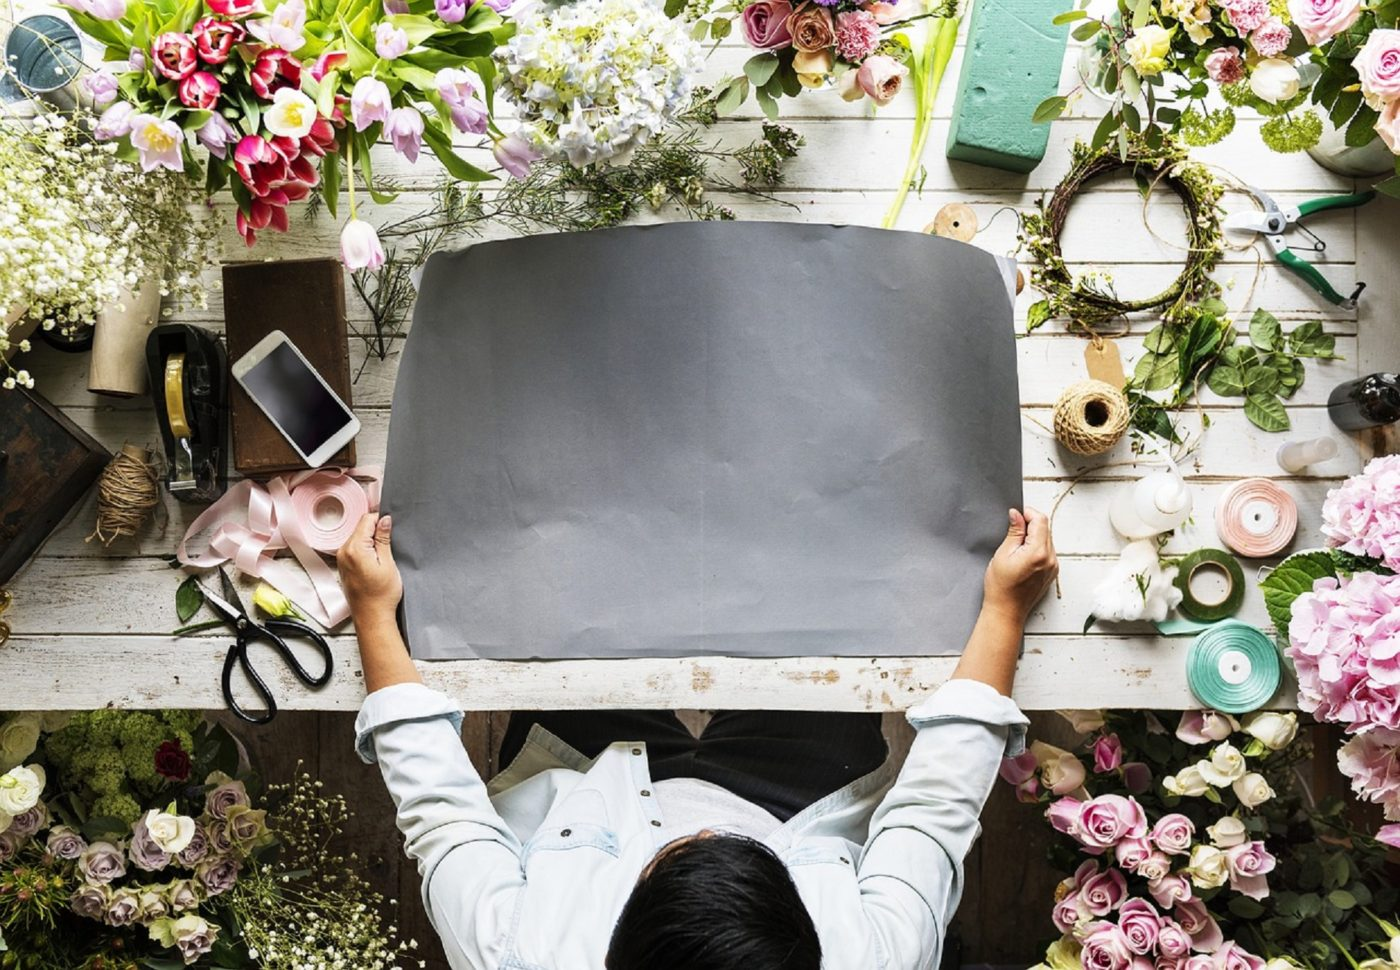 No Job Crafting, um funcionário não precisa mudar de área para que seu trabalho se torne mais prazeroso e produtivo. Ele pode transformá-lo.